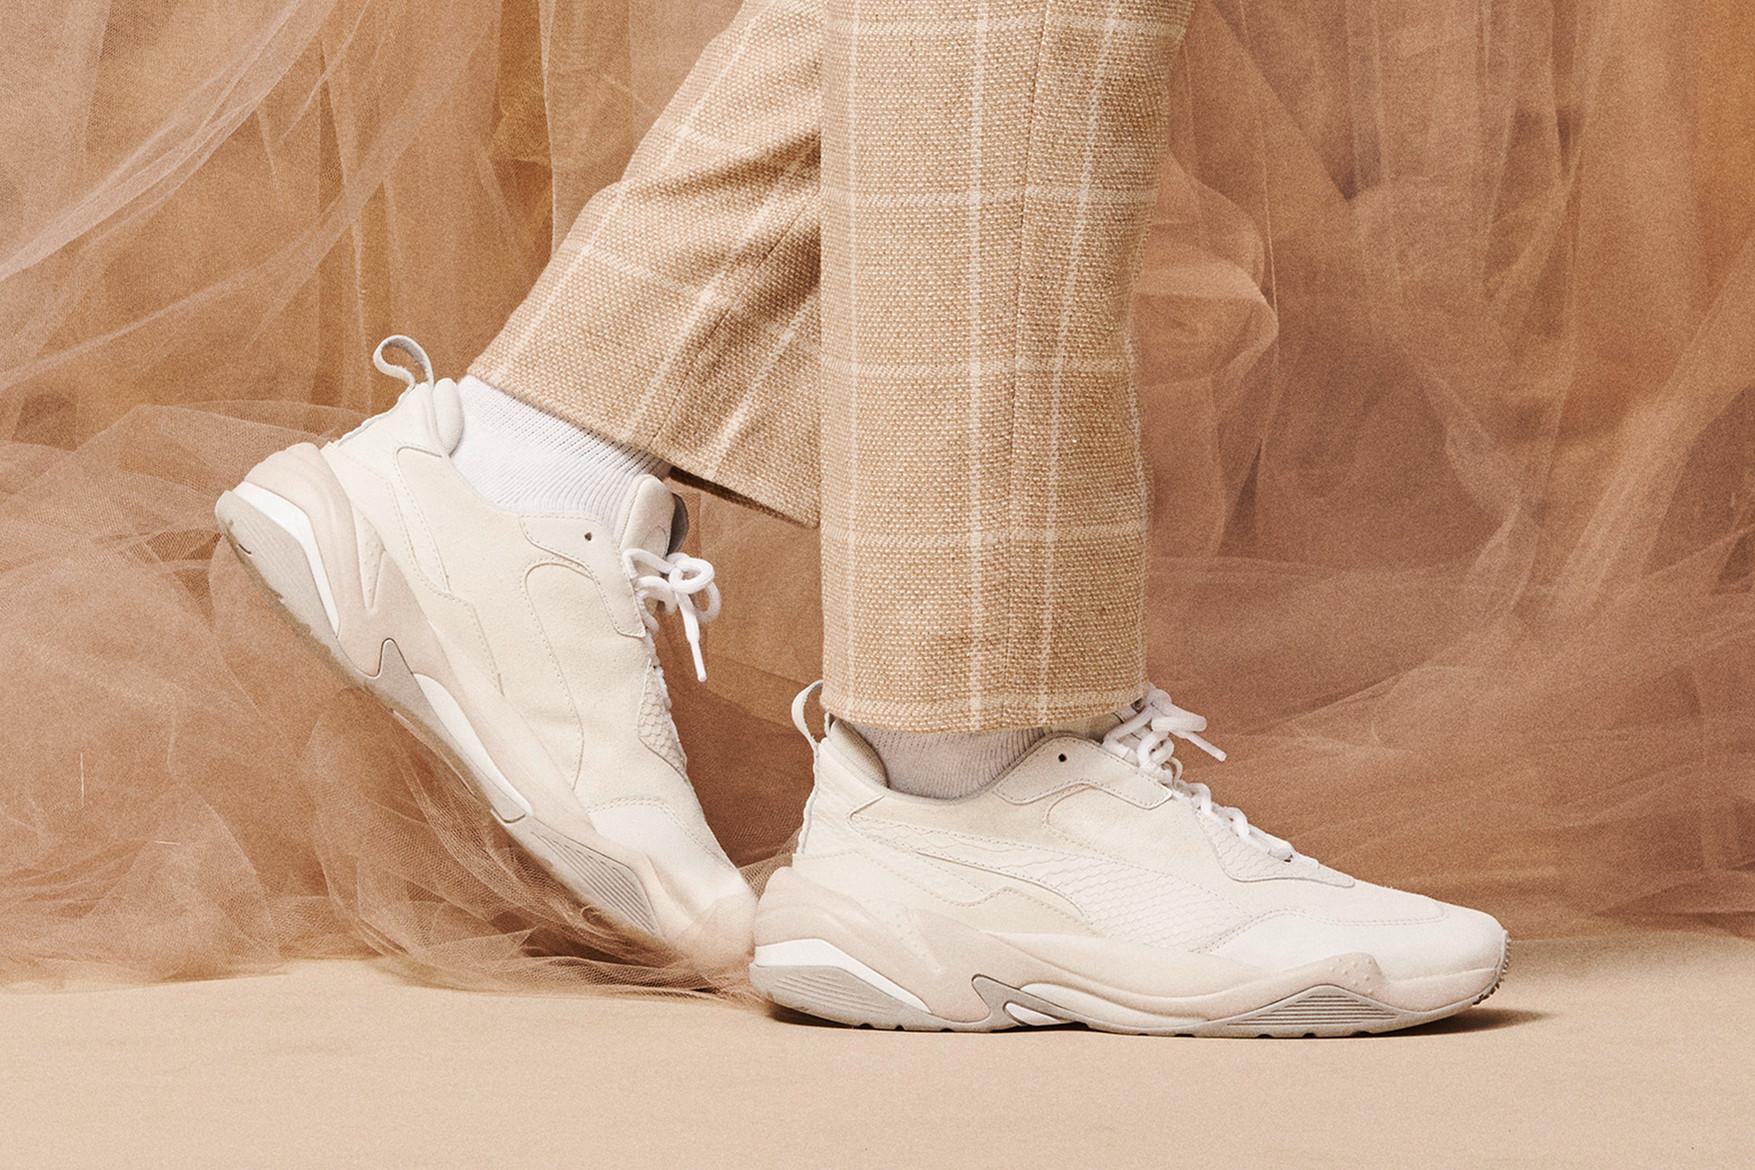 puma-thunder-desert-white-release-010